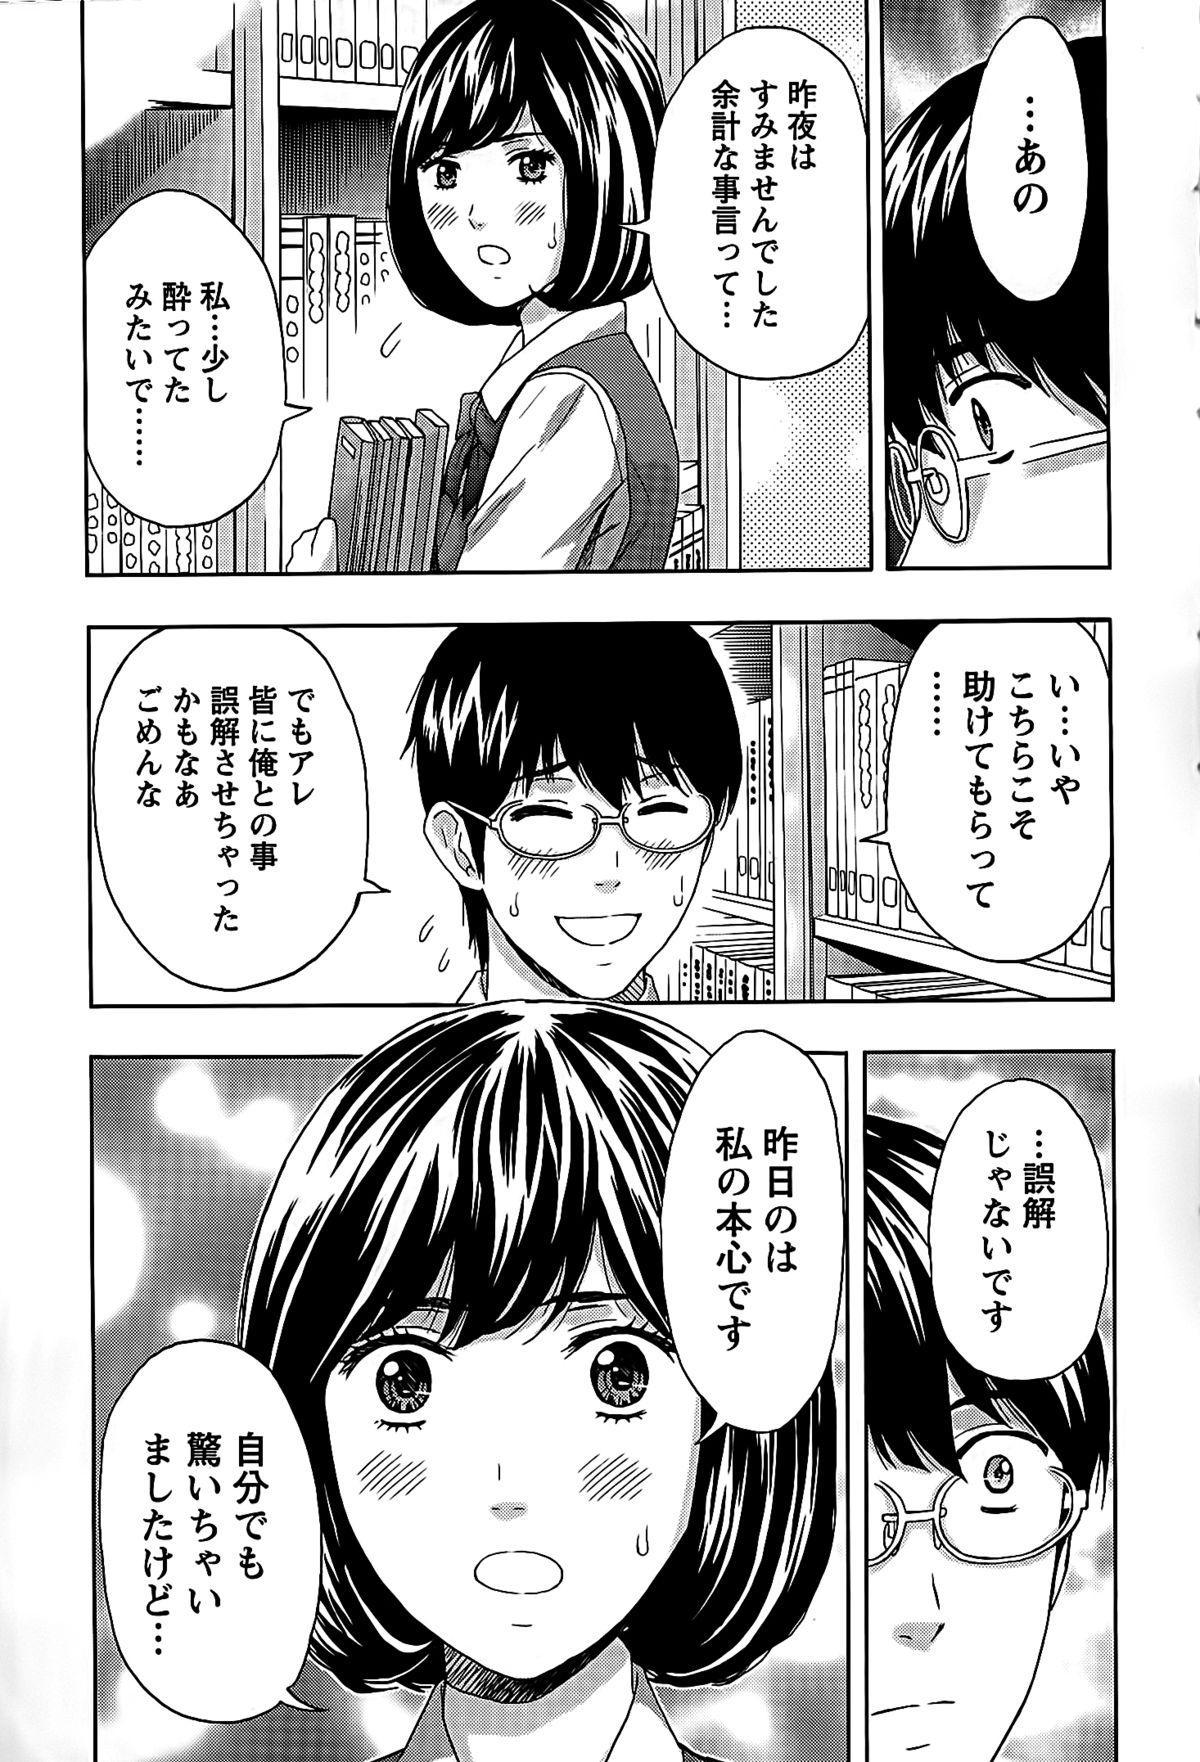 Shittori Lady to Amai Mitsu 94